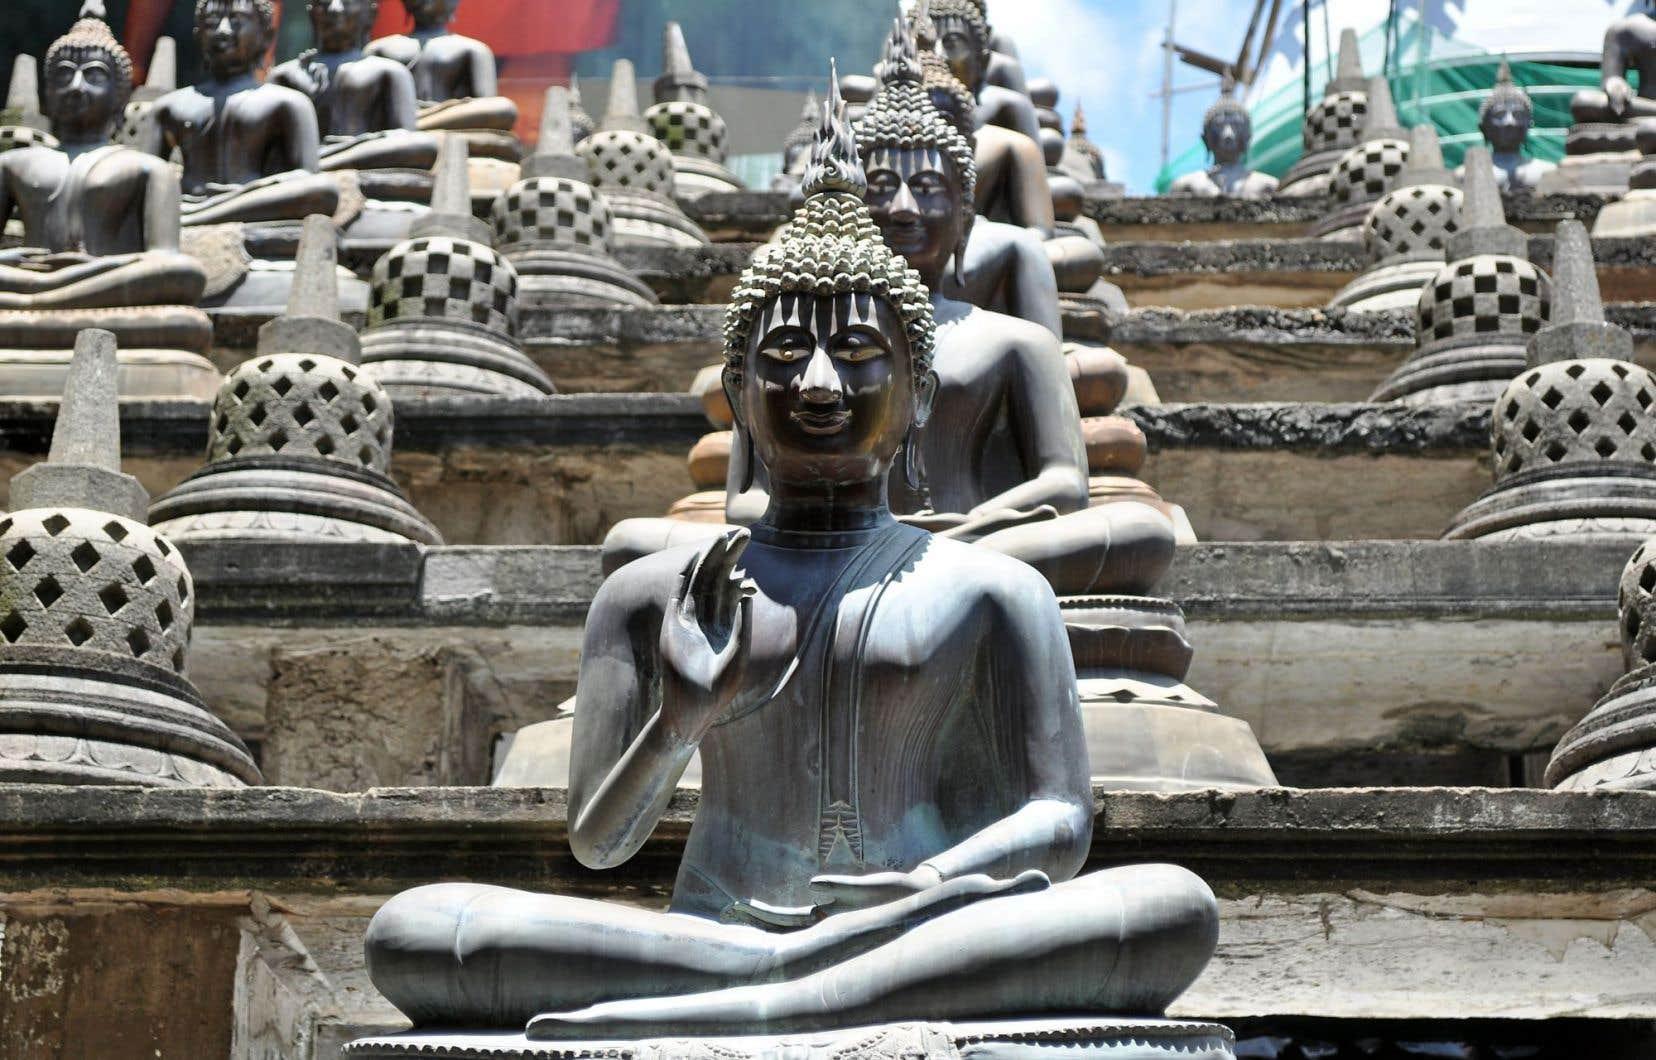 Le temple bouddhiste Gangaramaya est un écosystème surchargé où tout s'arrête, étrangement.